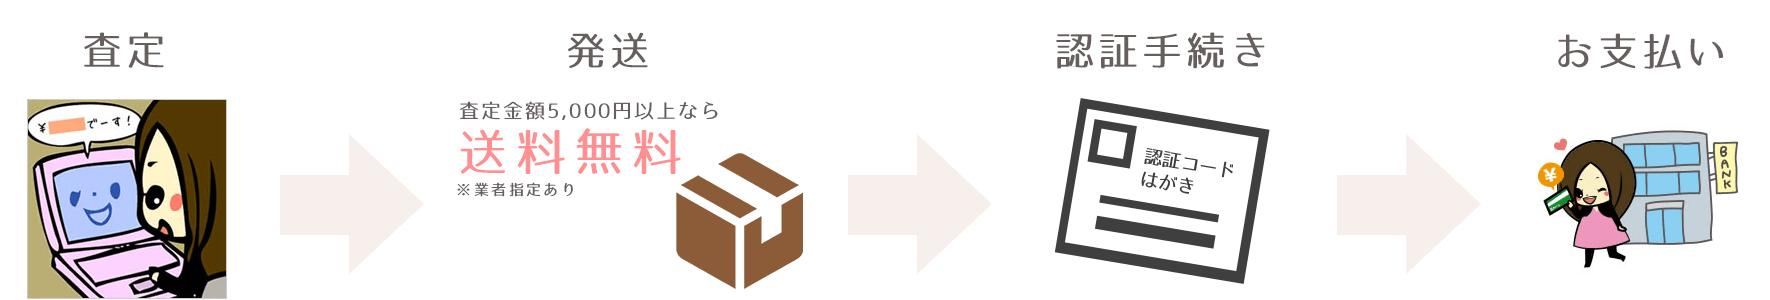 査定→発送→認証手続き→お支払い